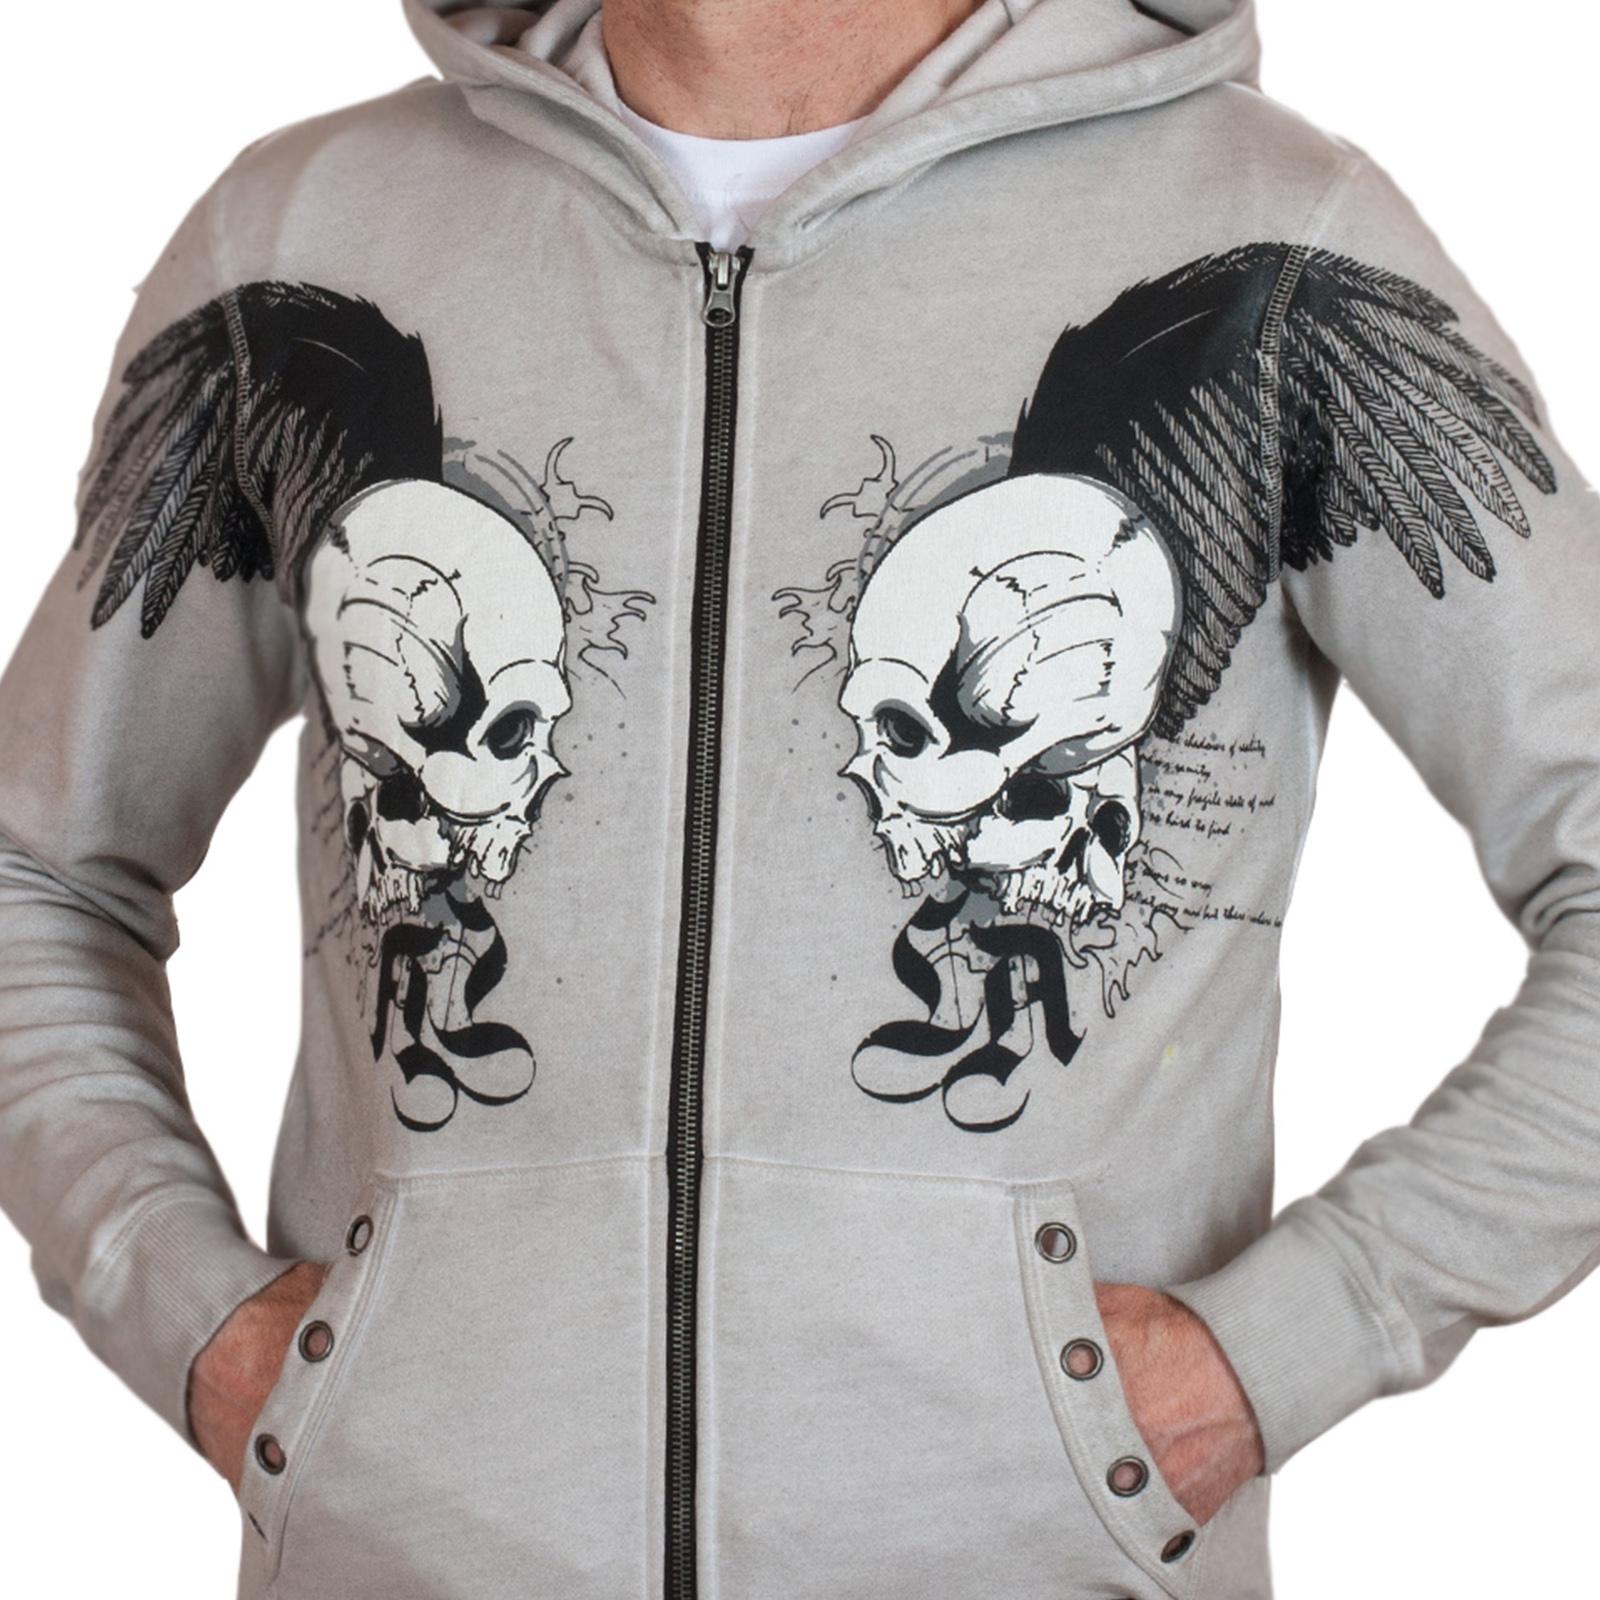 44efbd69221 Еще одним интересным вопросом является заказ одежды через интернет-магазин  с доставкой в Томск. В последние годы люди все чаще предпочитают  приобретать вещи ...